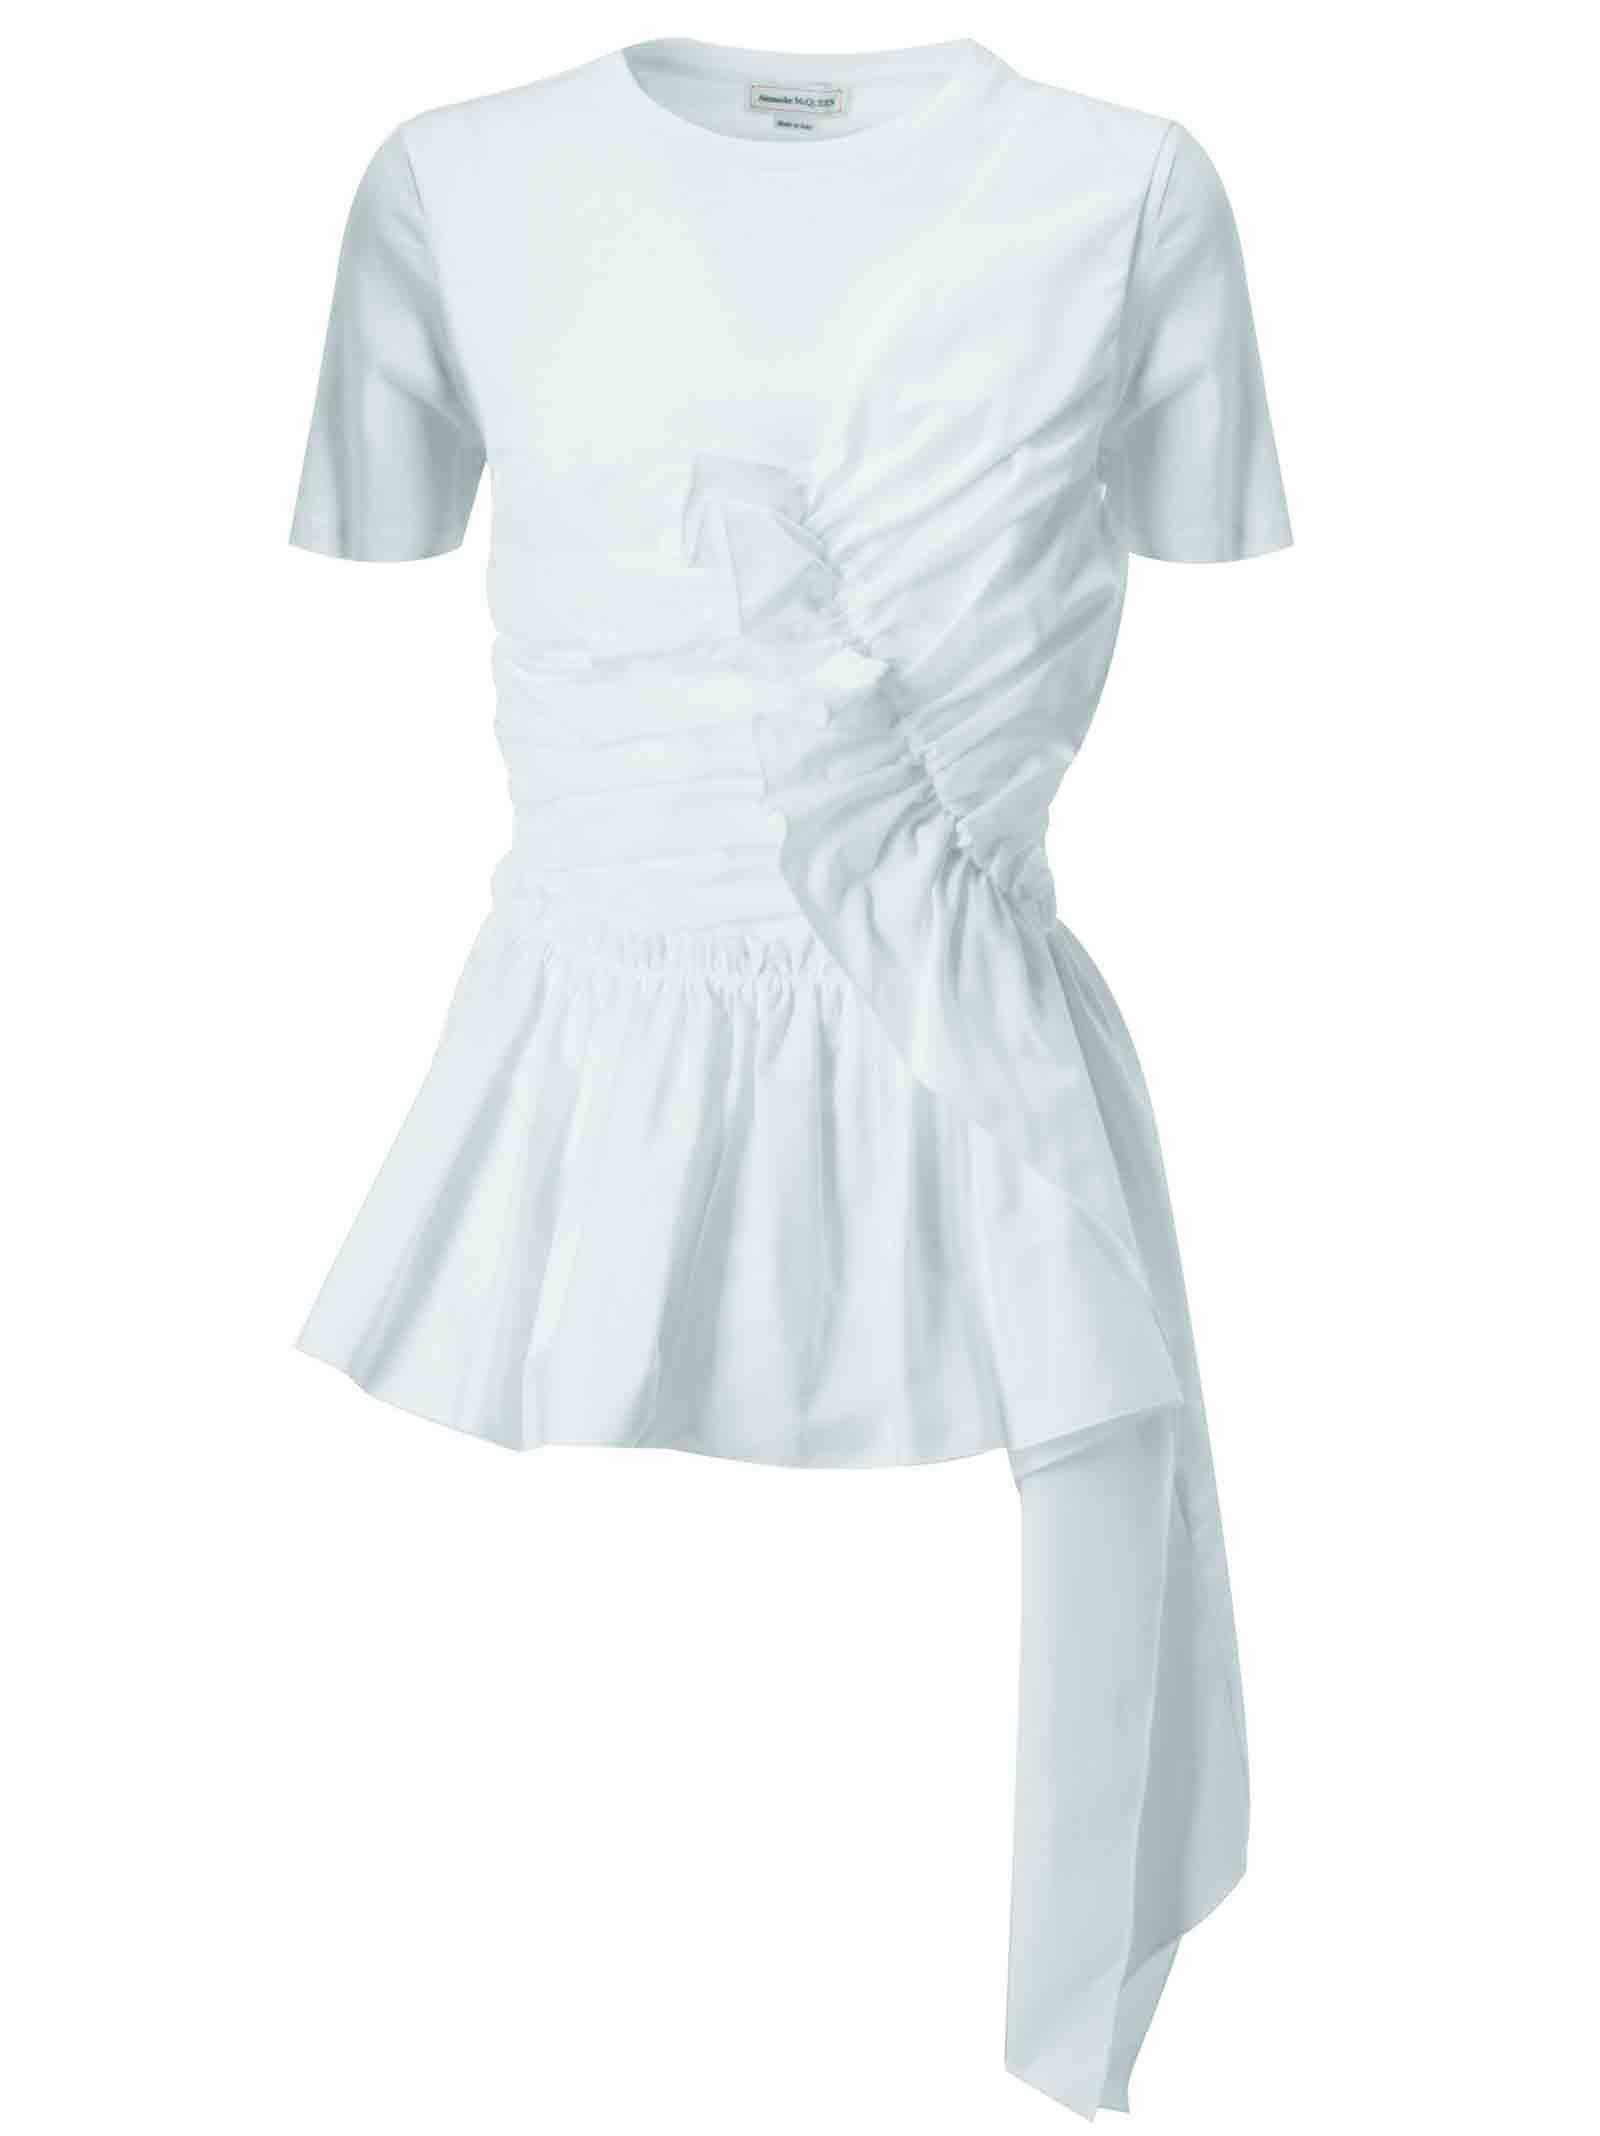 Alexander McQueen Asymmetric Cotton Dress